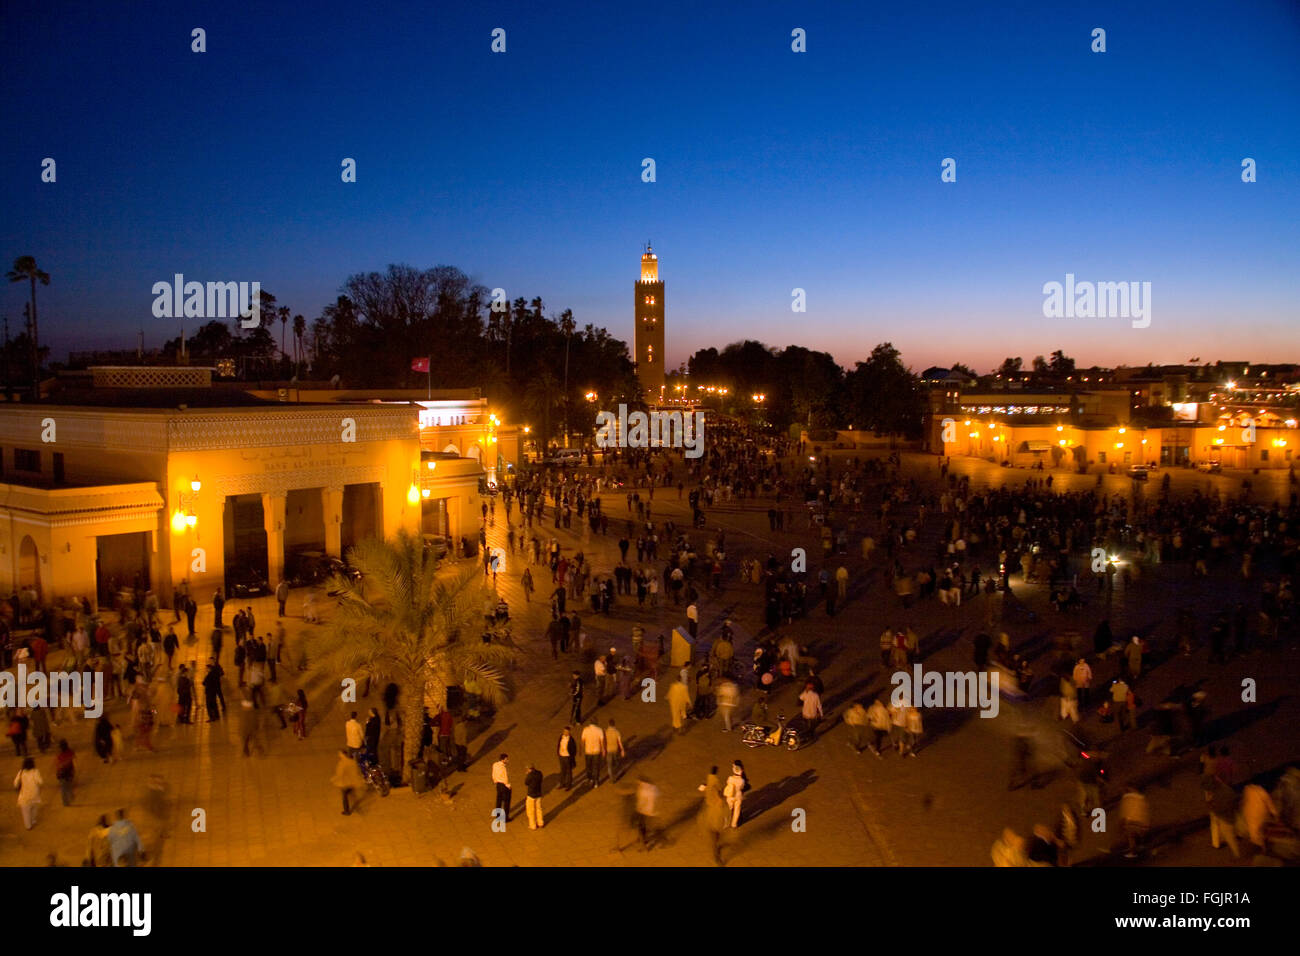 La Moschea di Koutoubia al tramonto in Piazza Jemaa El Fna a Marrakech . Foto Stock